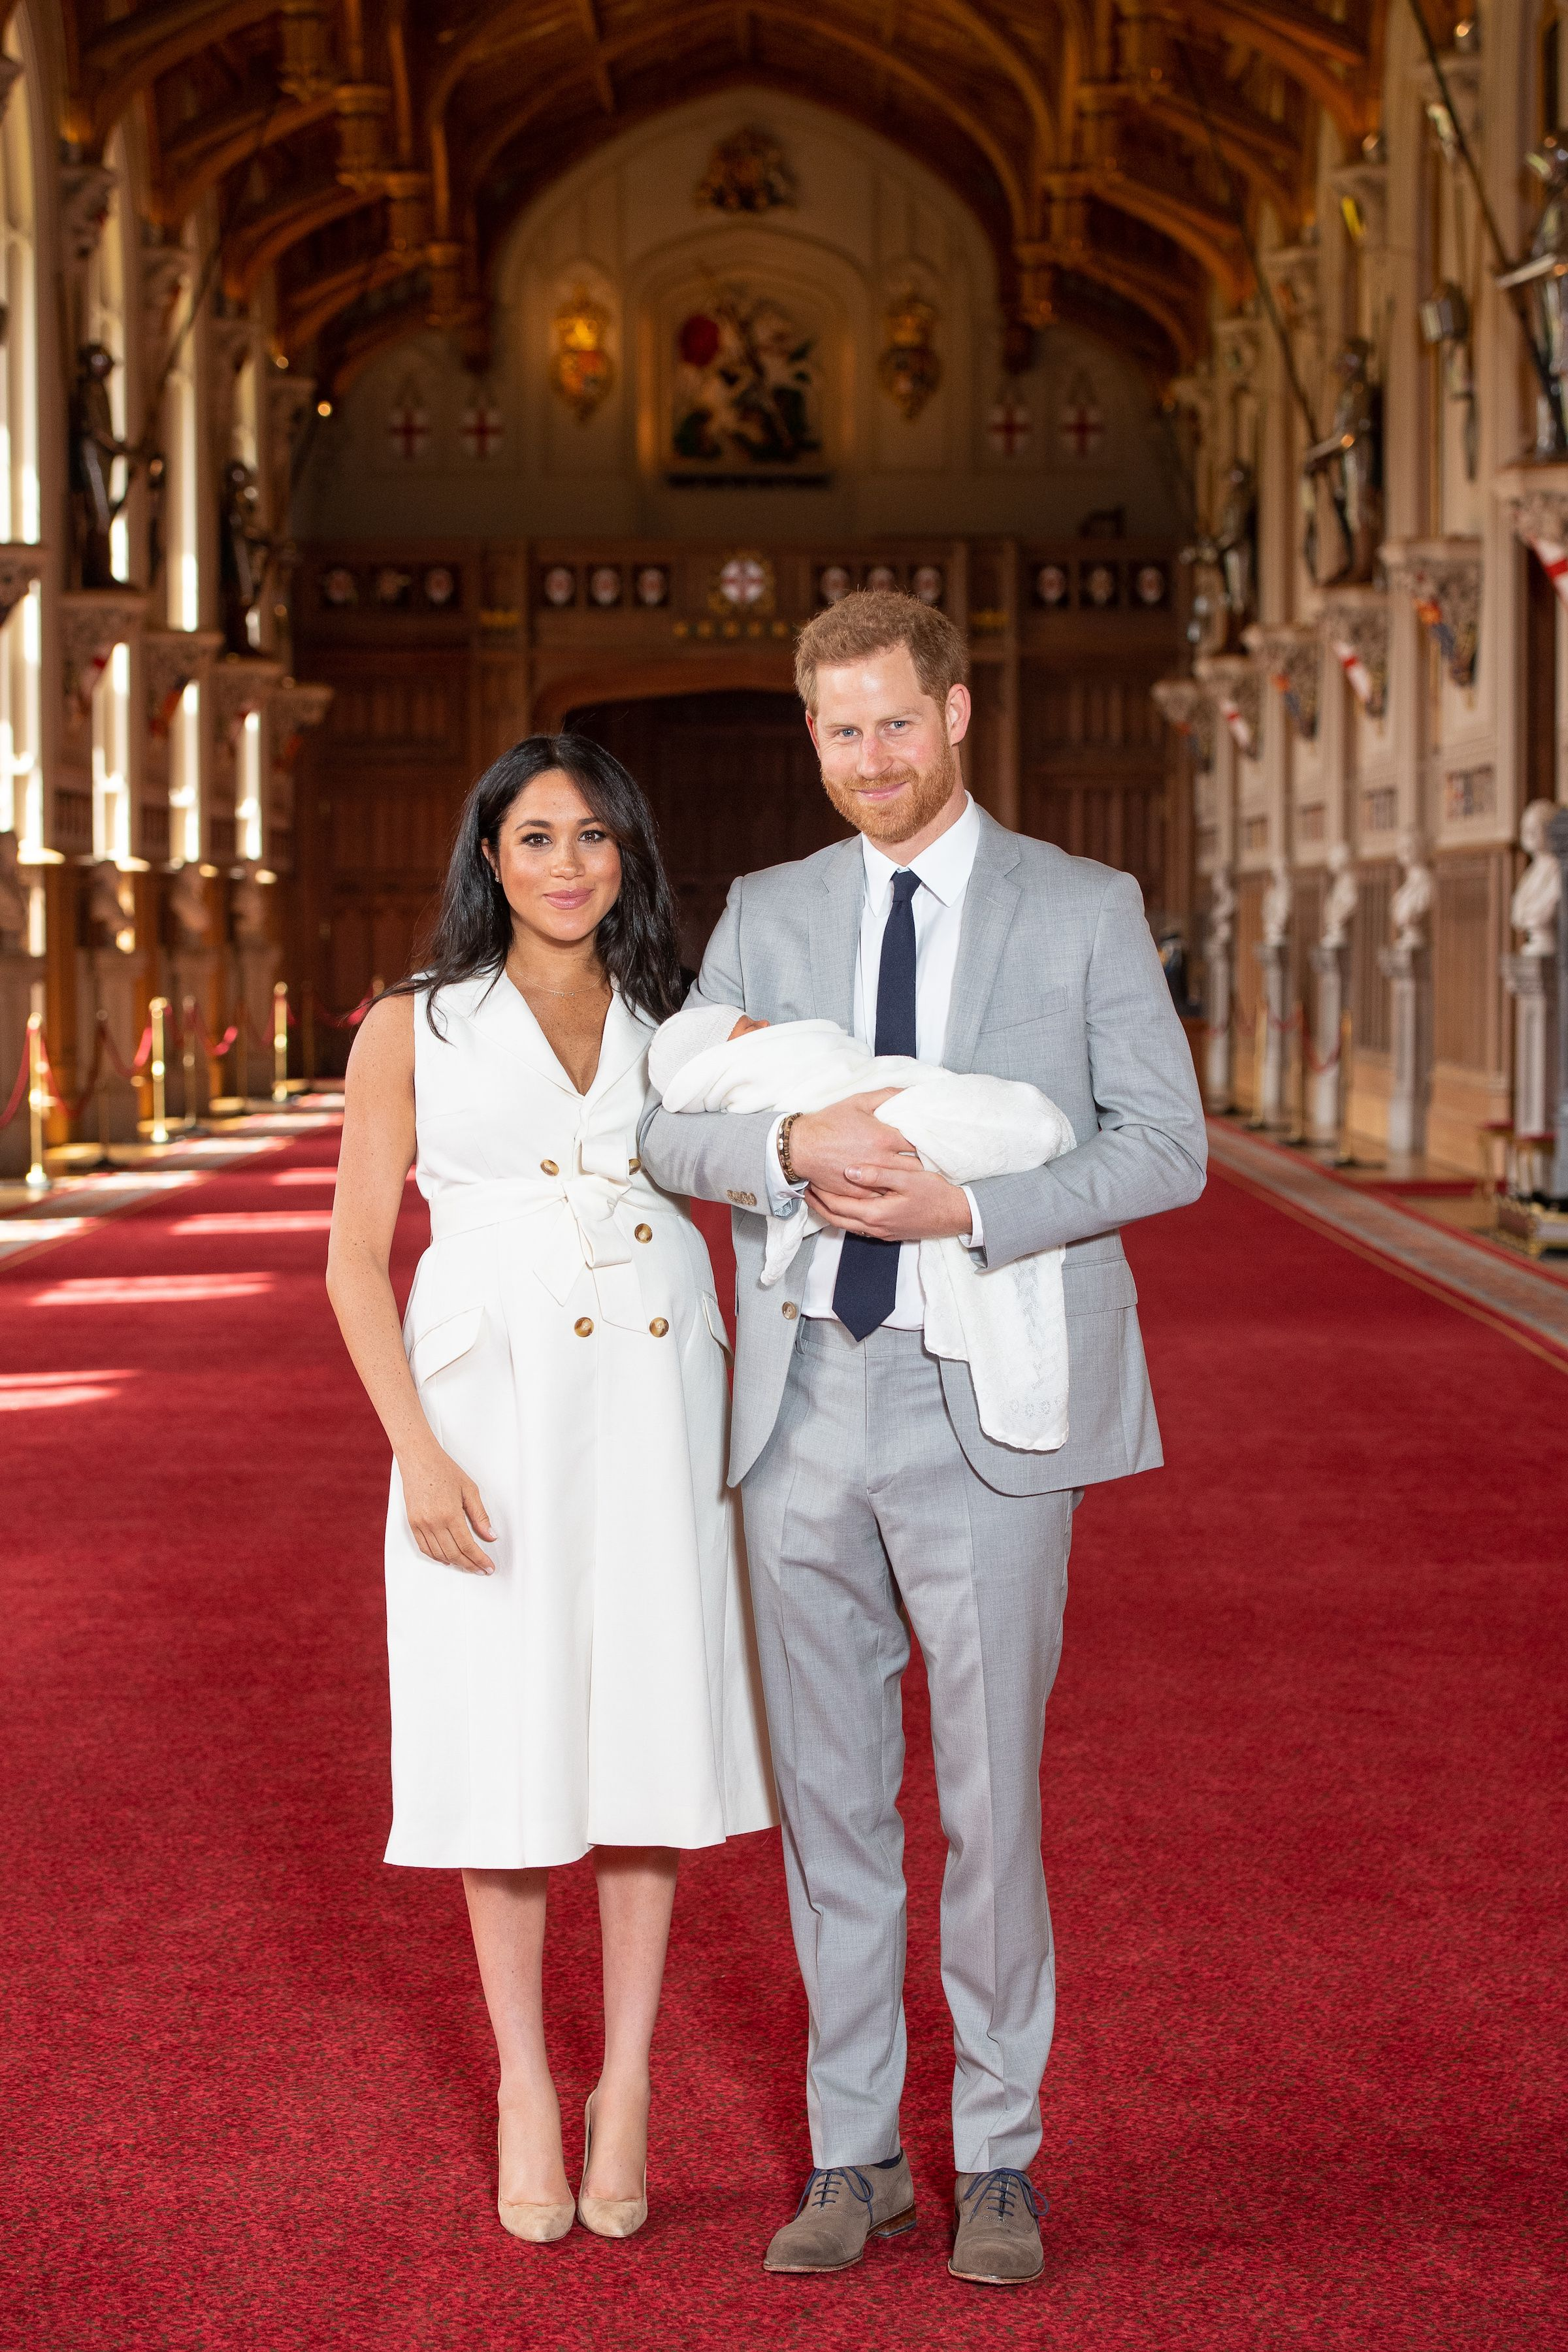 Pics of new royal baby